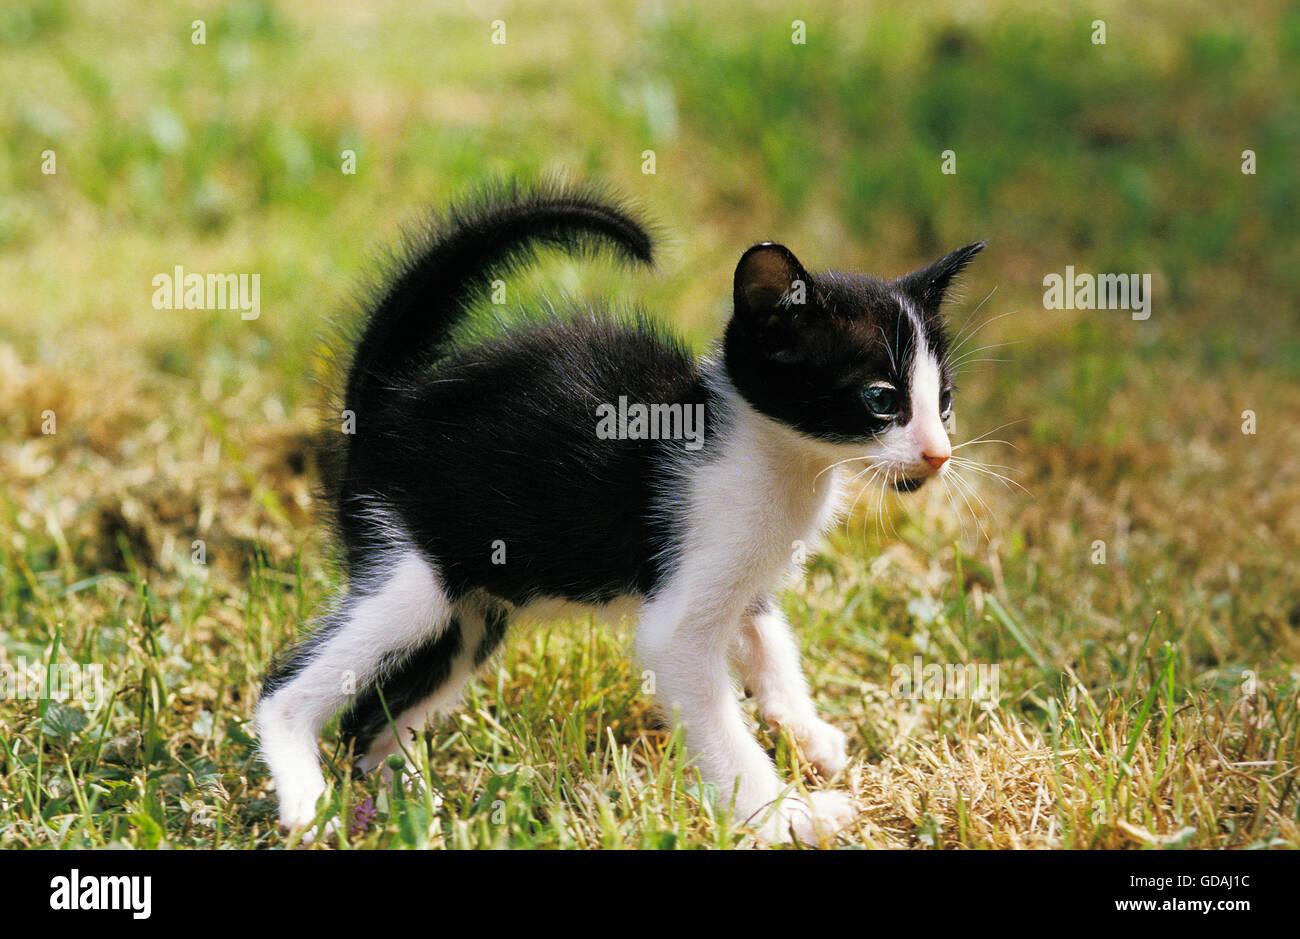 orientalische hauskatze schwarz wei kitting in abwehrhaltung stockfoto bild 111486408 alamy. Black Bedroom Furniture Sets. Home Design Ideas